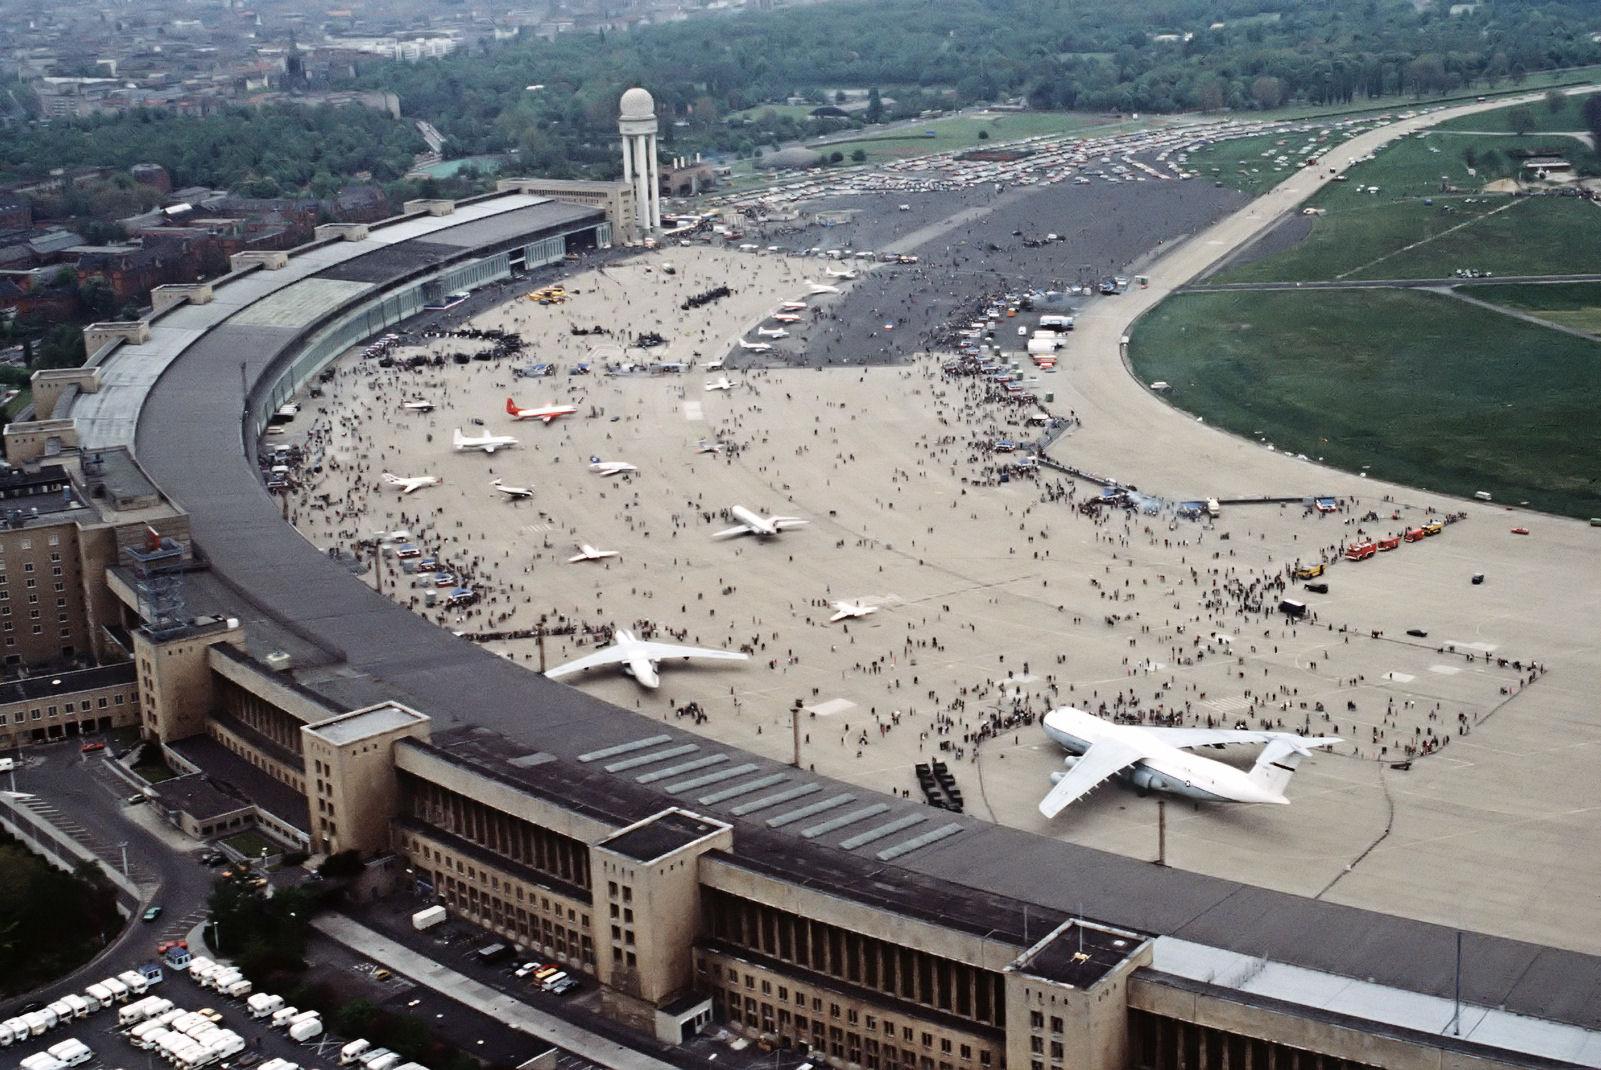 Tempelhof Airport, acres of concrete and tarmac